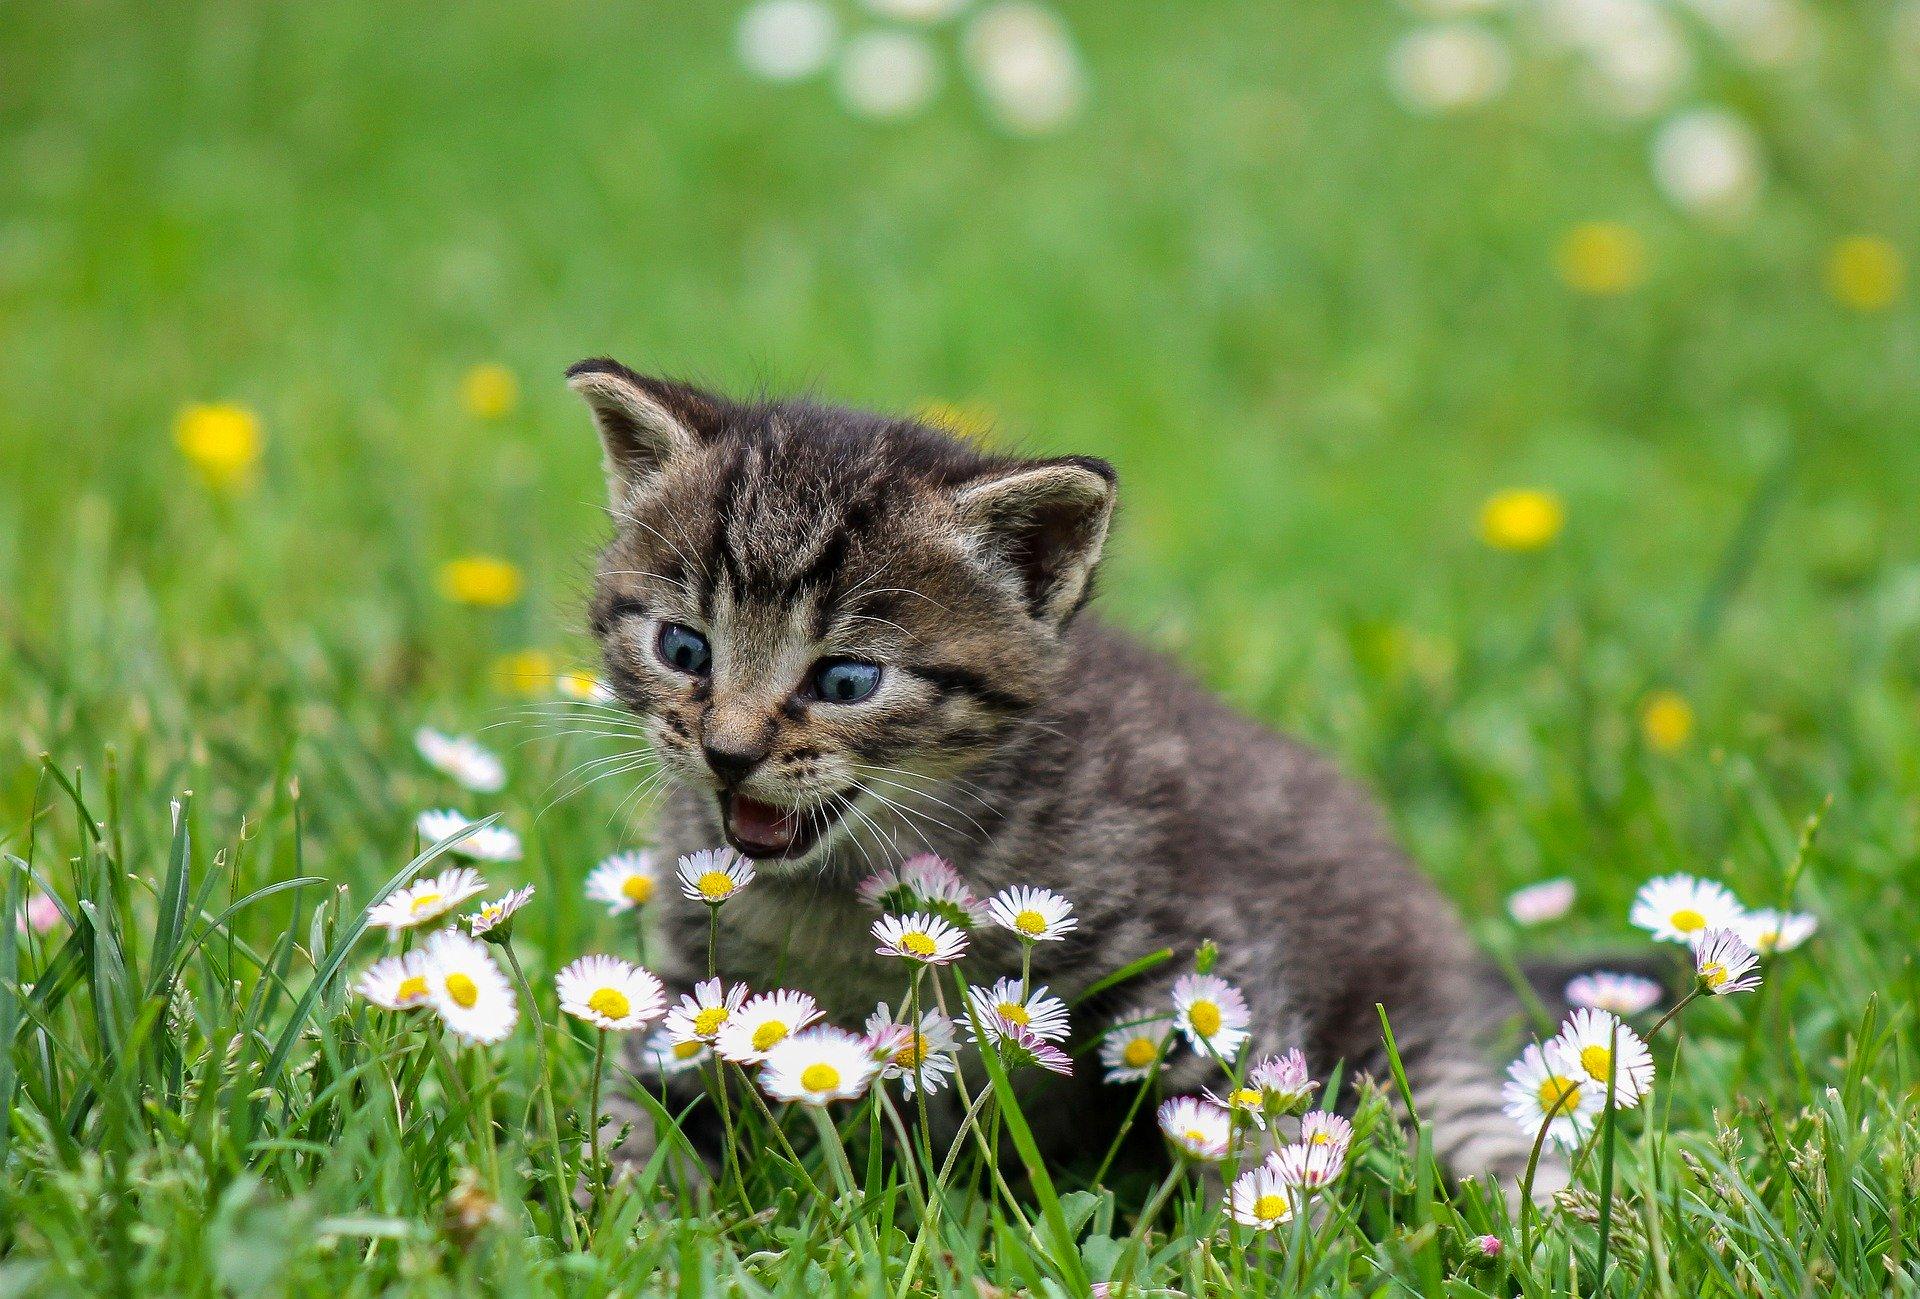 Los gatitos crecen muy deprisa